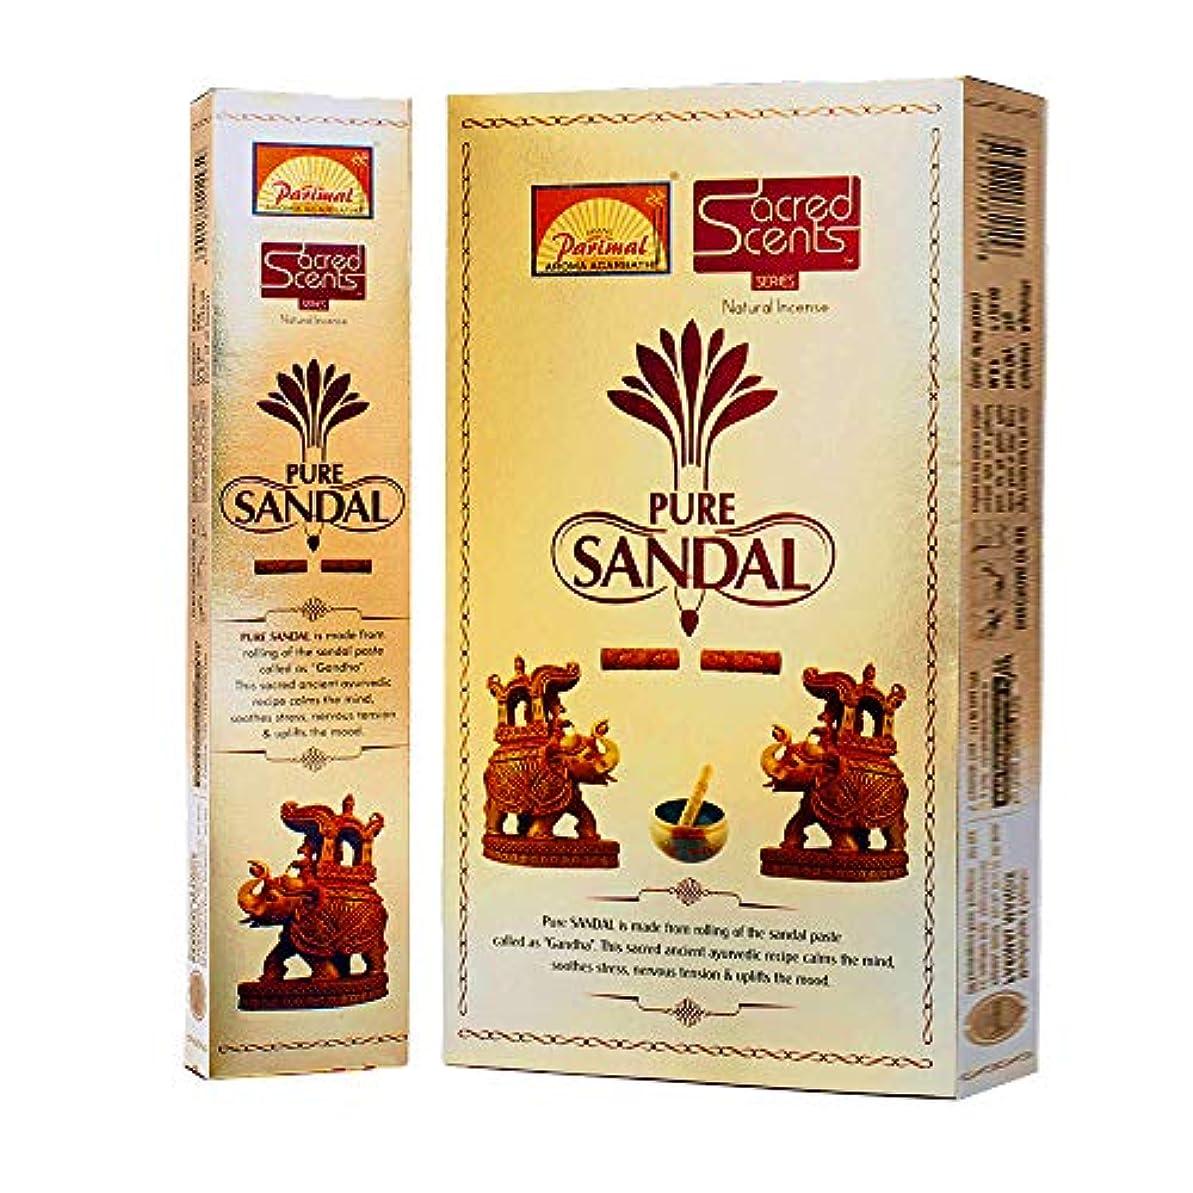 交通居心地の良いふけるParimal Sacred Scents PureサンダルIncense Sticks 30グラムパック、6カウントin aボックス